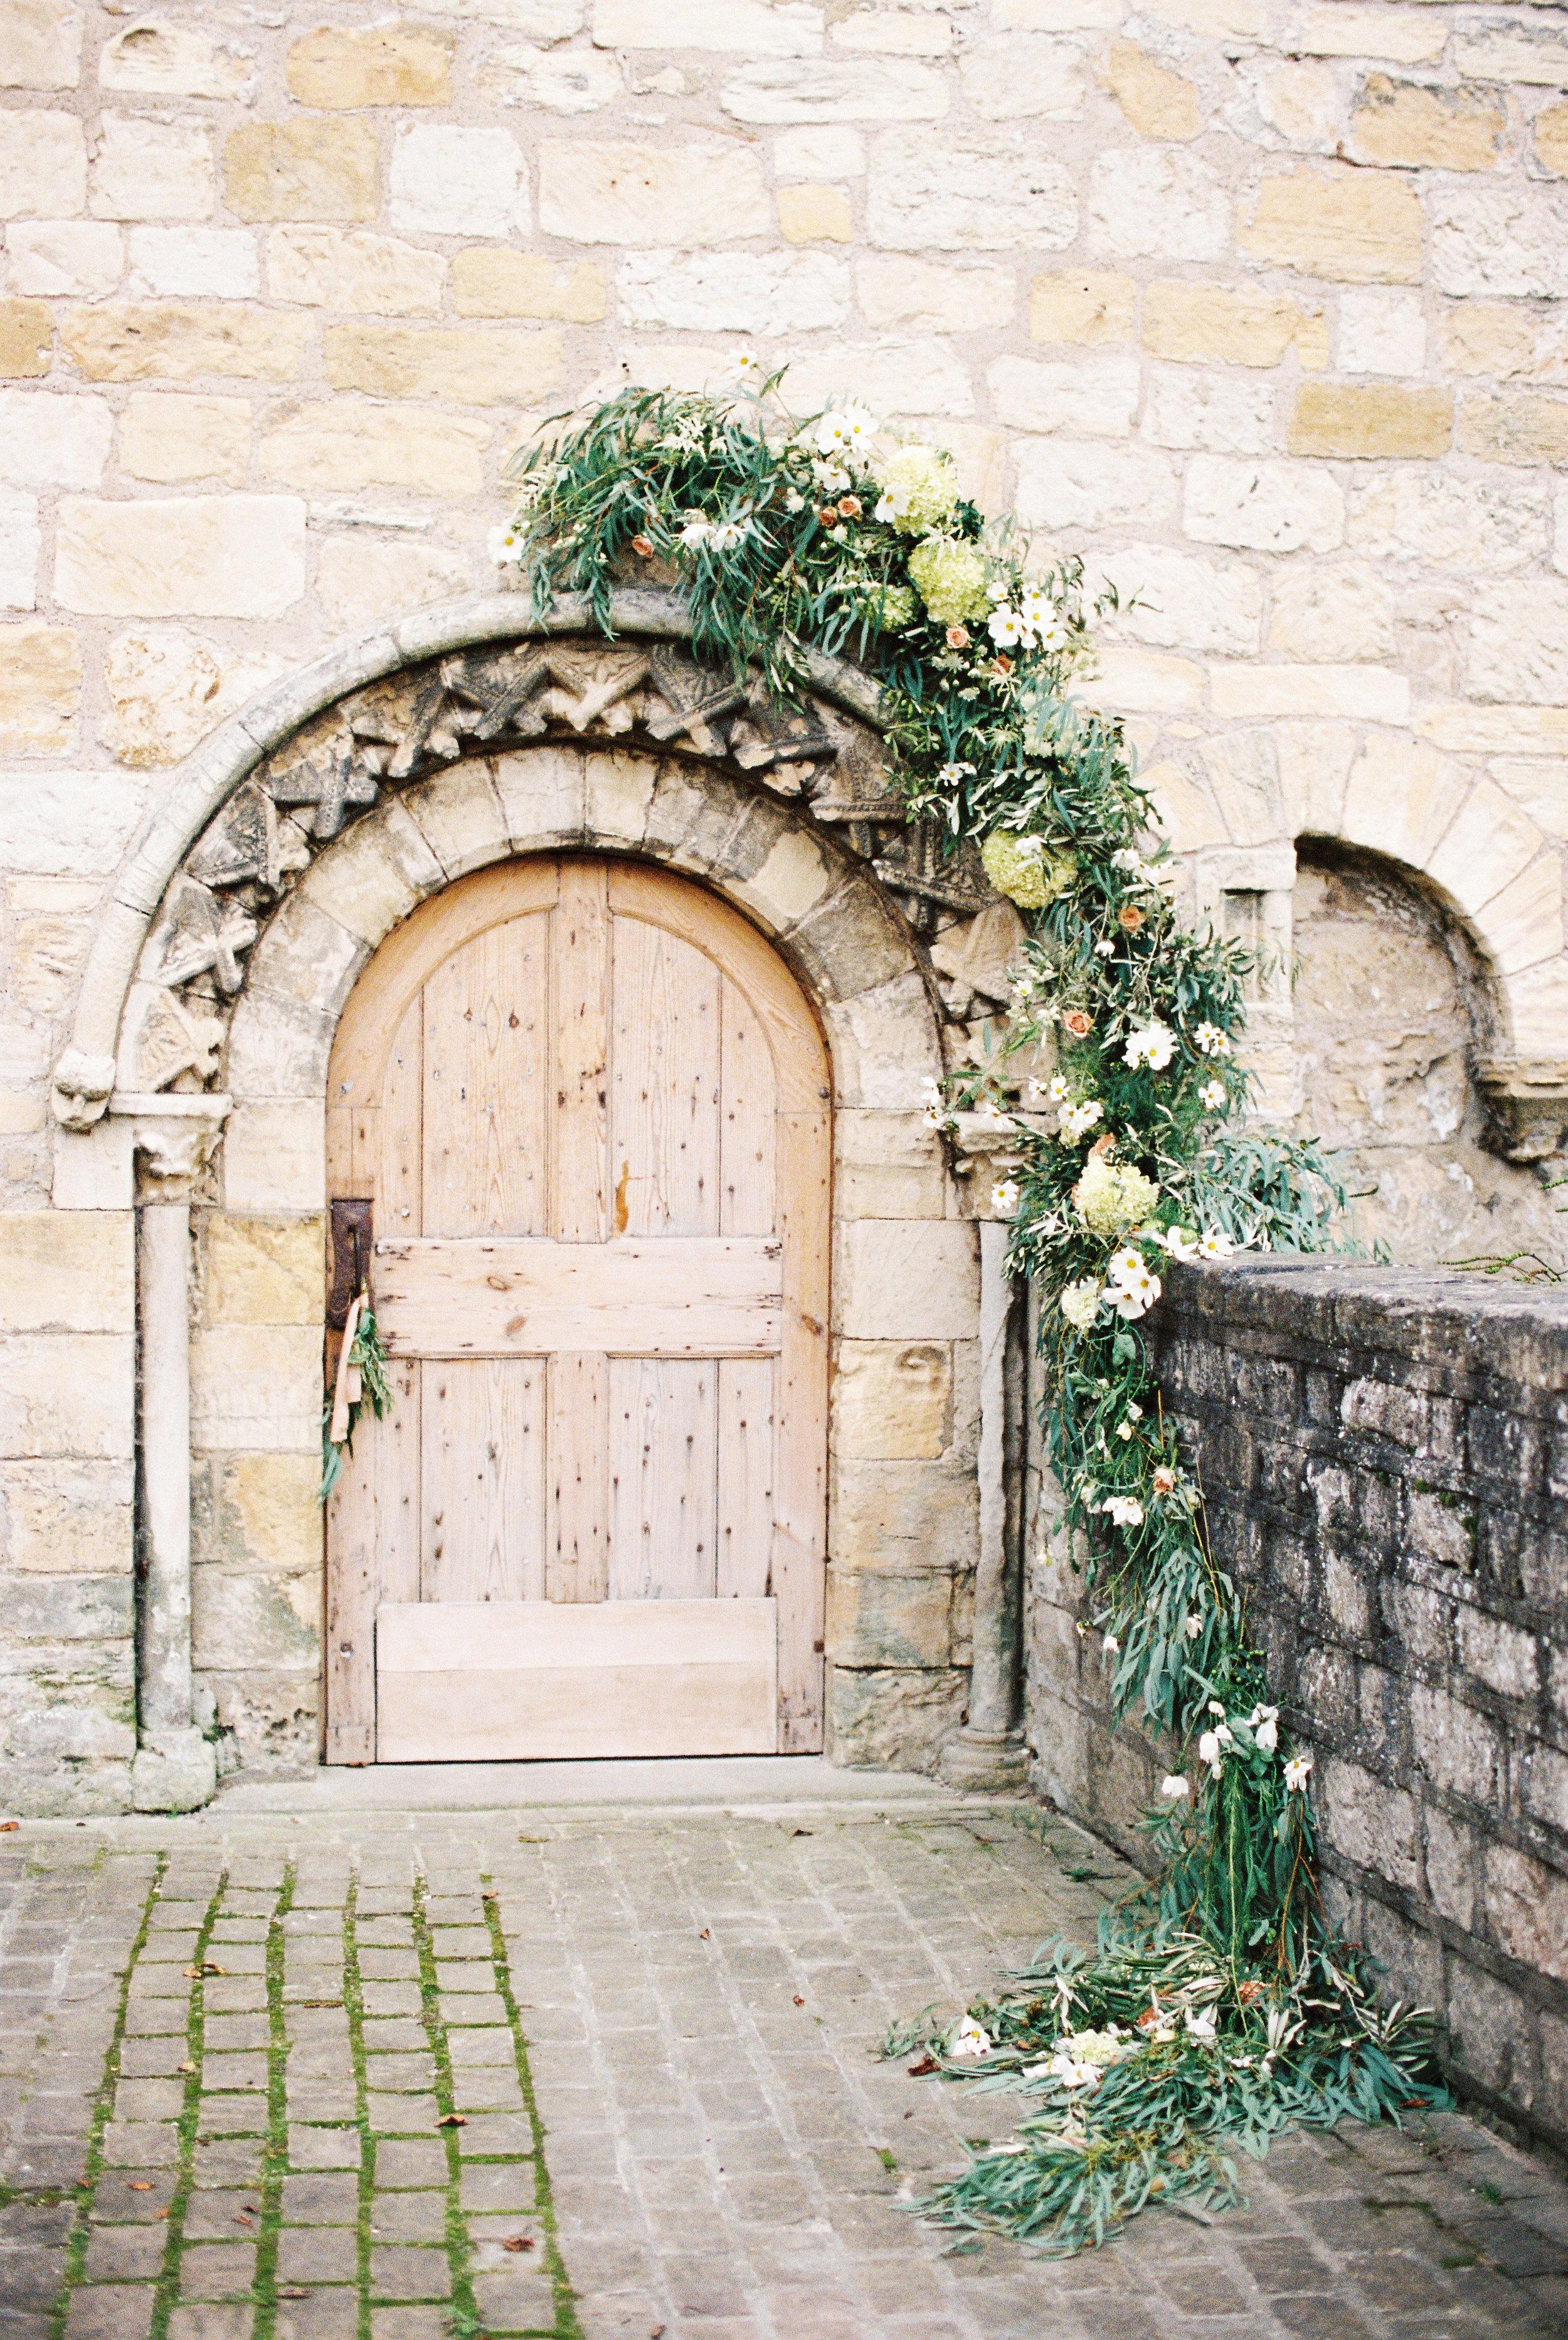 unstructured arch around doorway